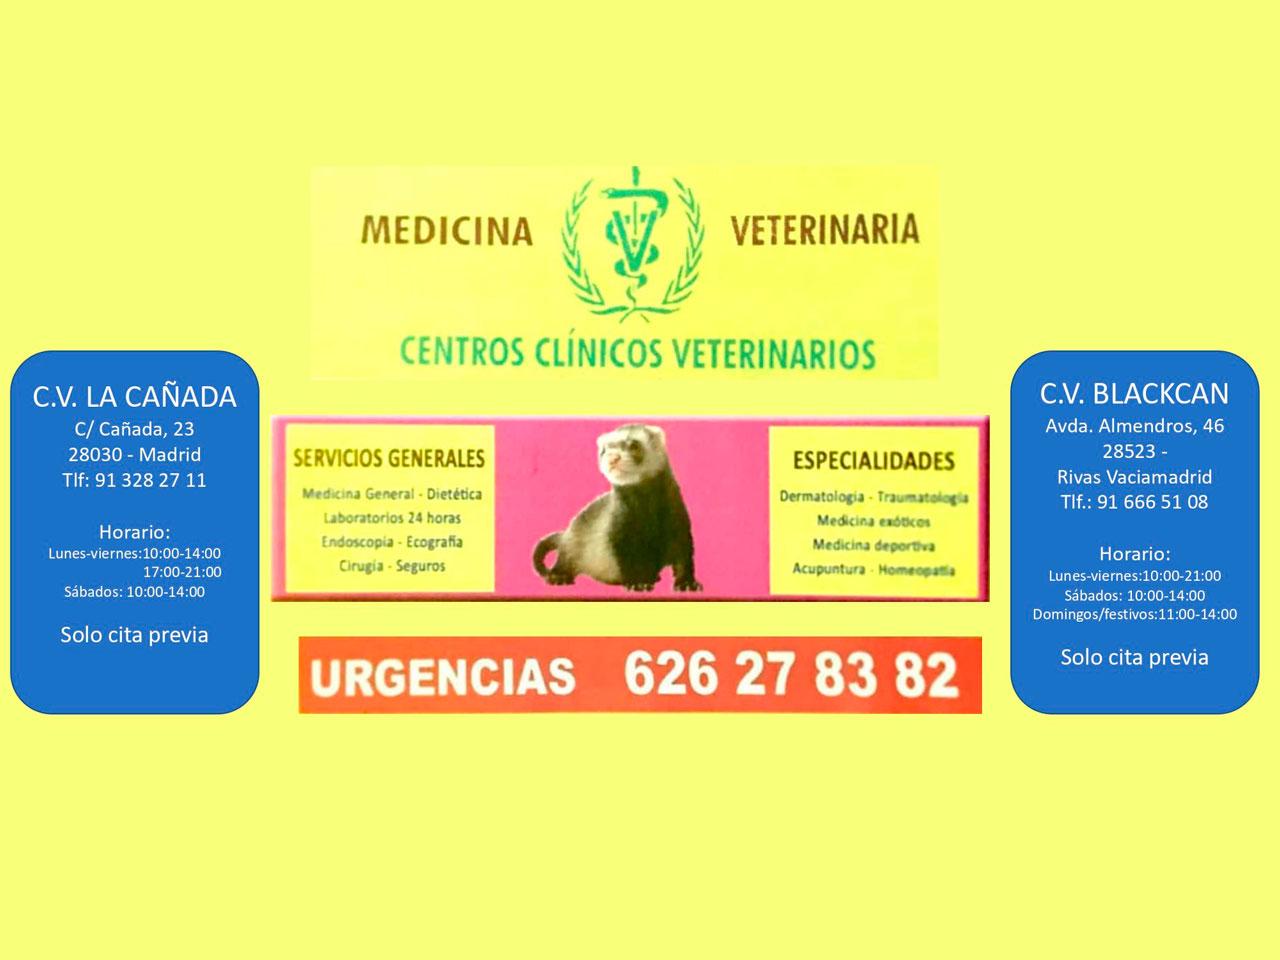 Colaboración Centros clínicos veterinarios La Cañada y Blackcan